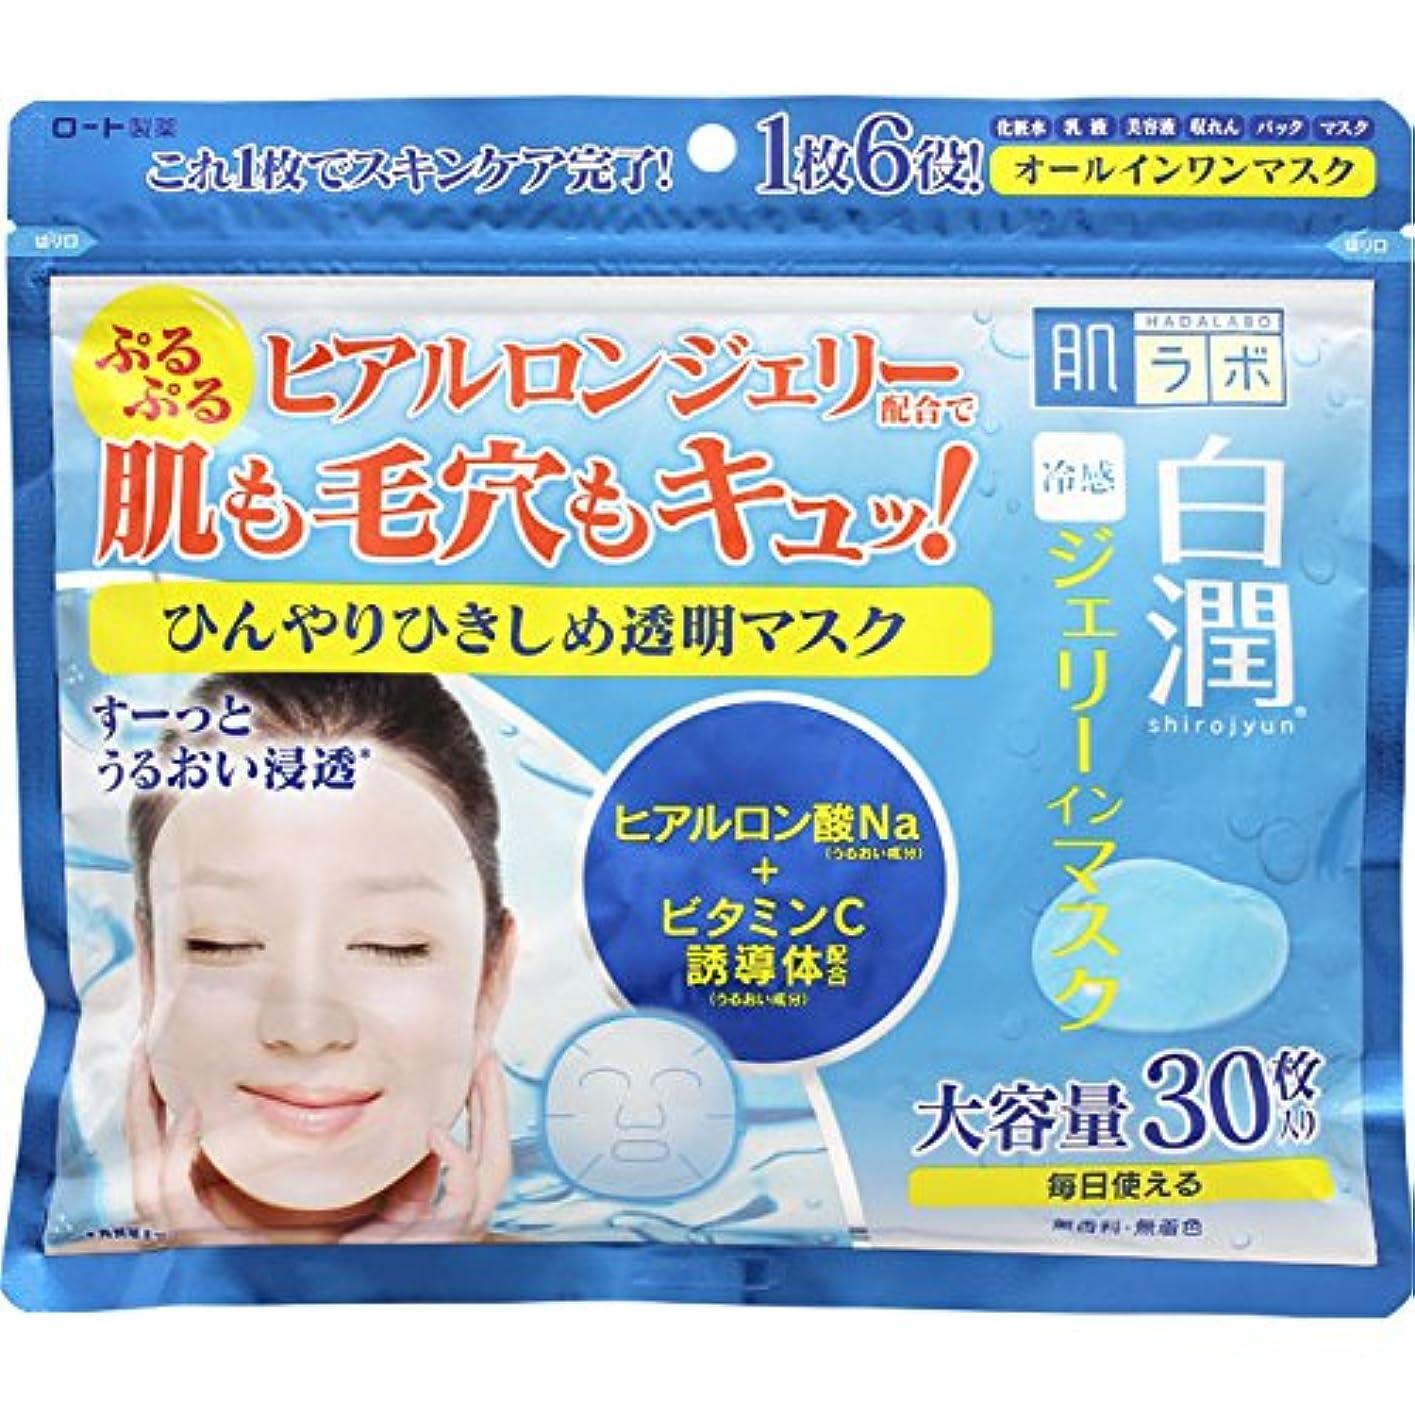 腐食する聖書トランスペアレント肌ラボ 白潤 冷感ジェリーインマスク 化粧水?乳液?美容液?収れん?パック?マスクの1枚6役 大容量30枚